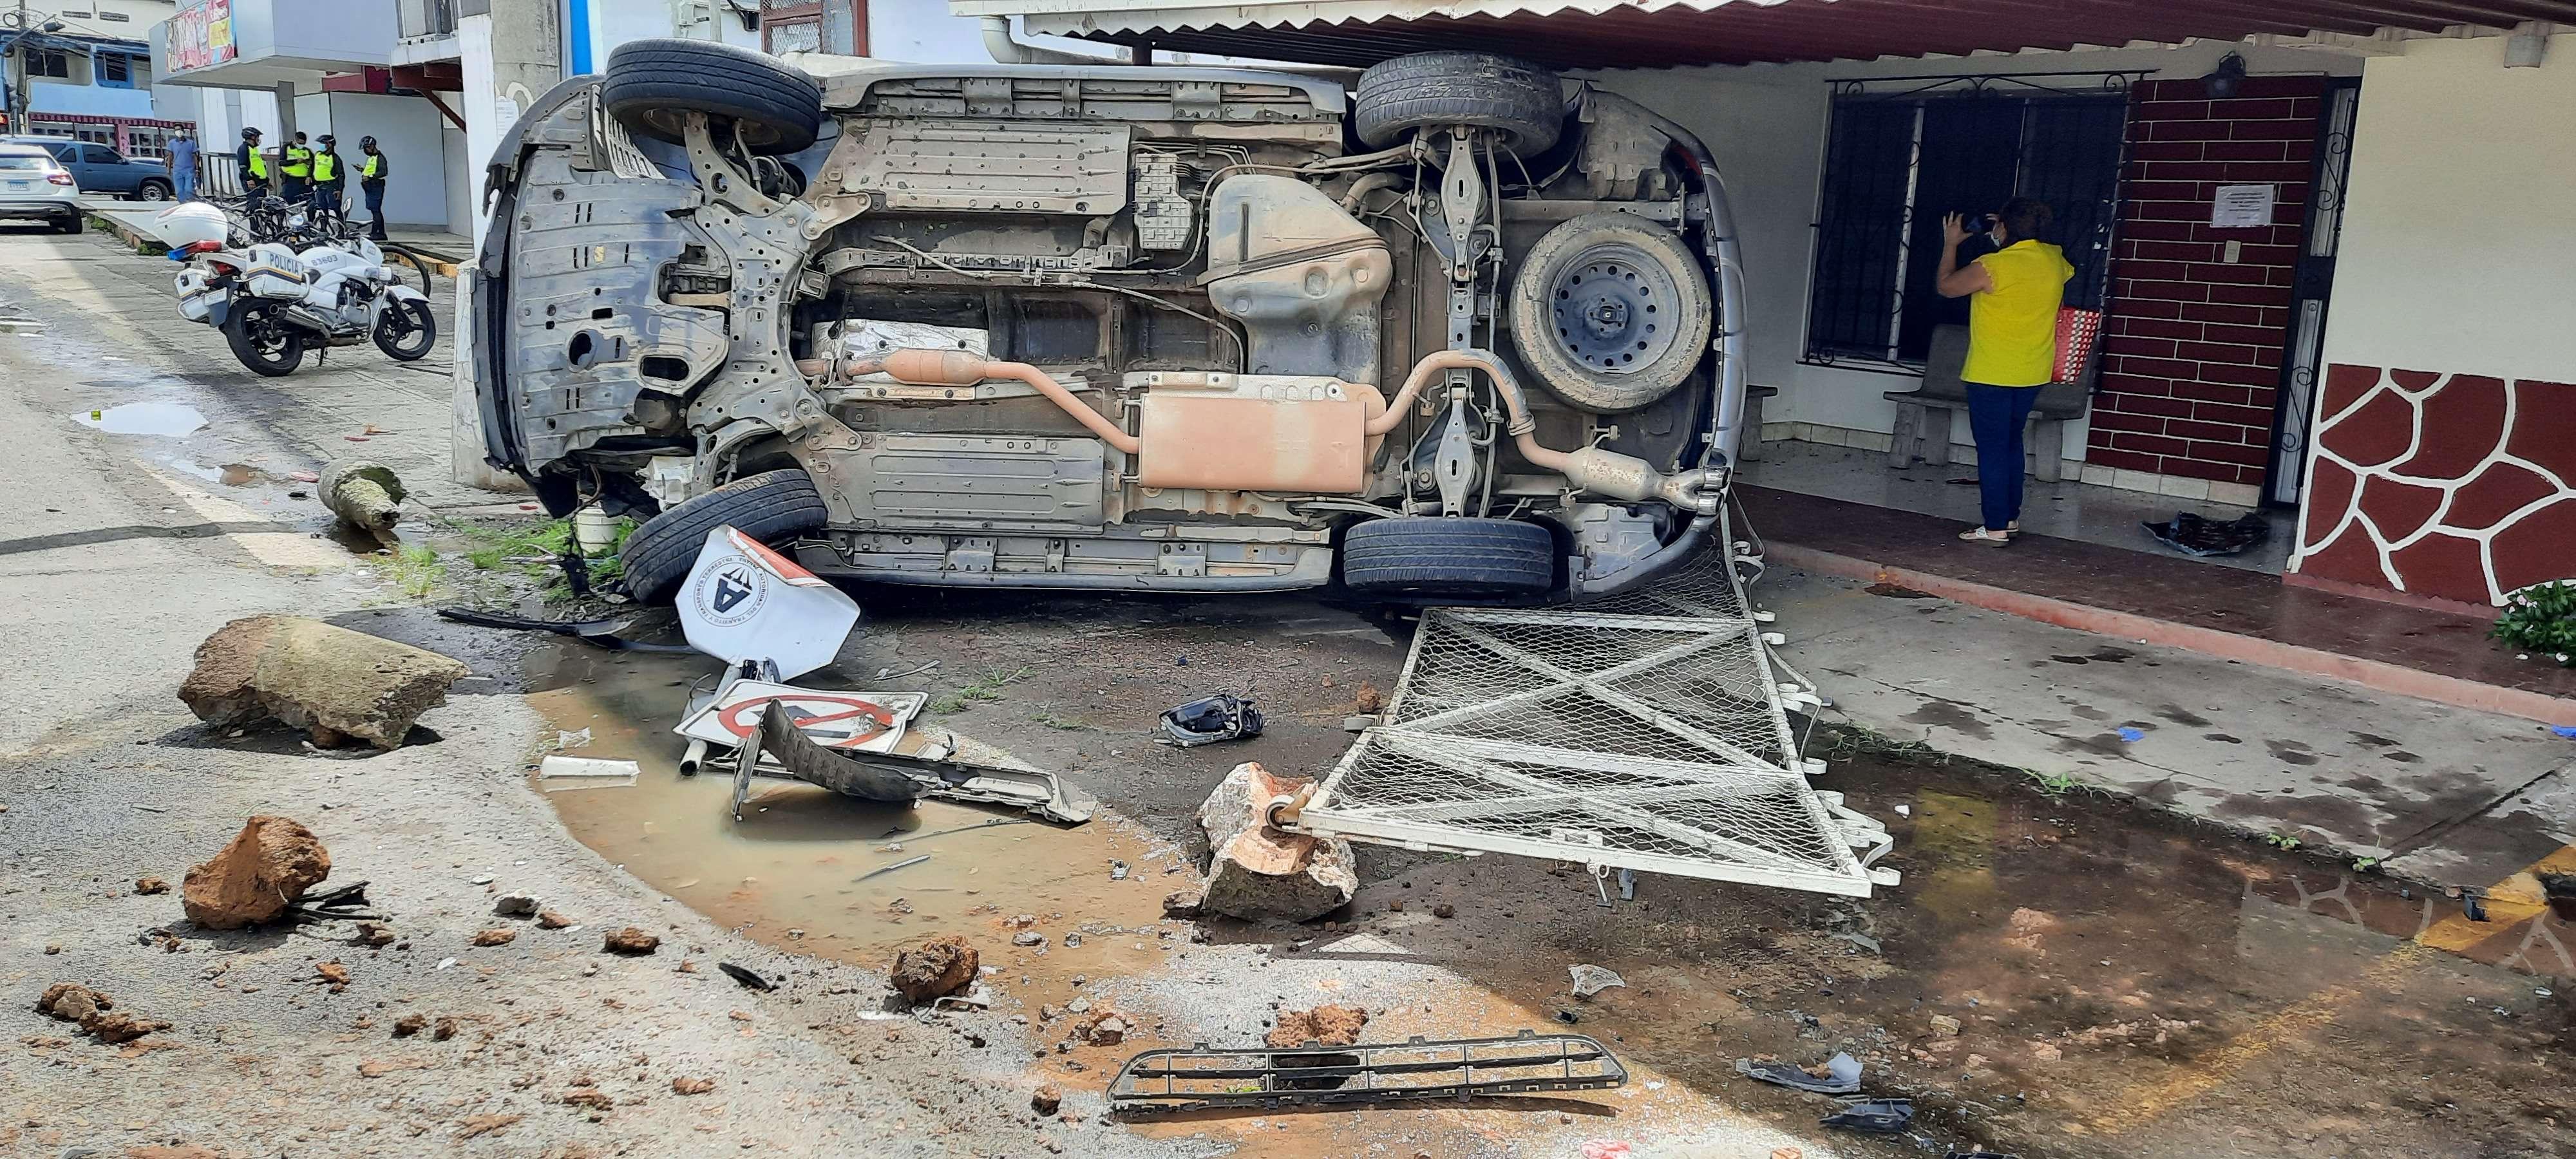 Choque y vuelco en Veraguas, Foto: Melquiades Vásquez